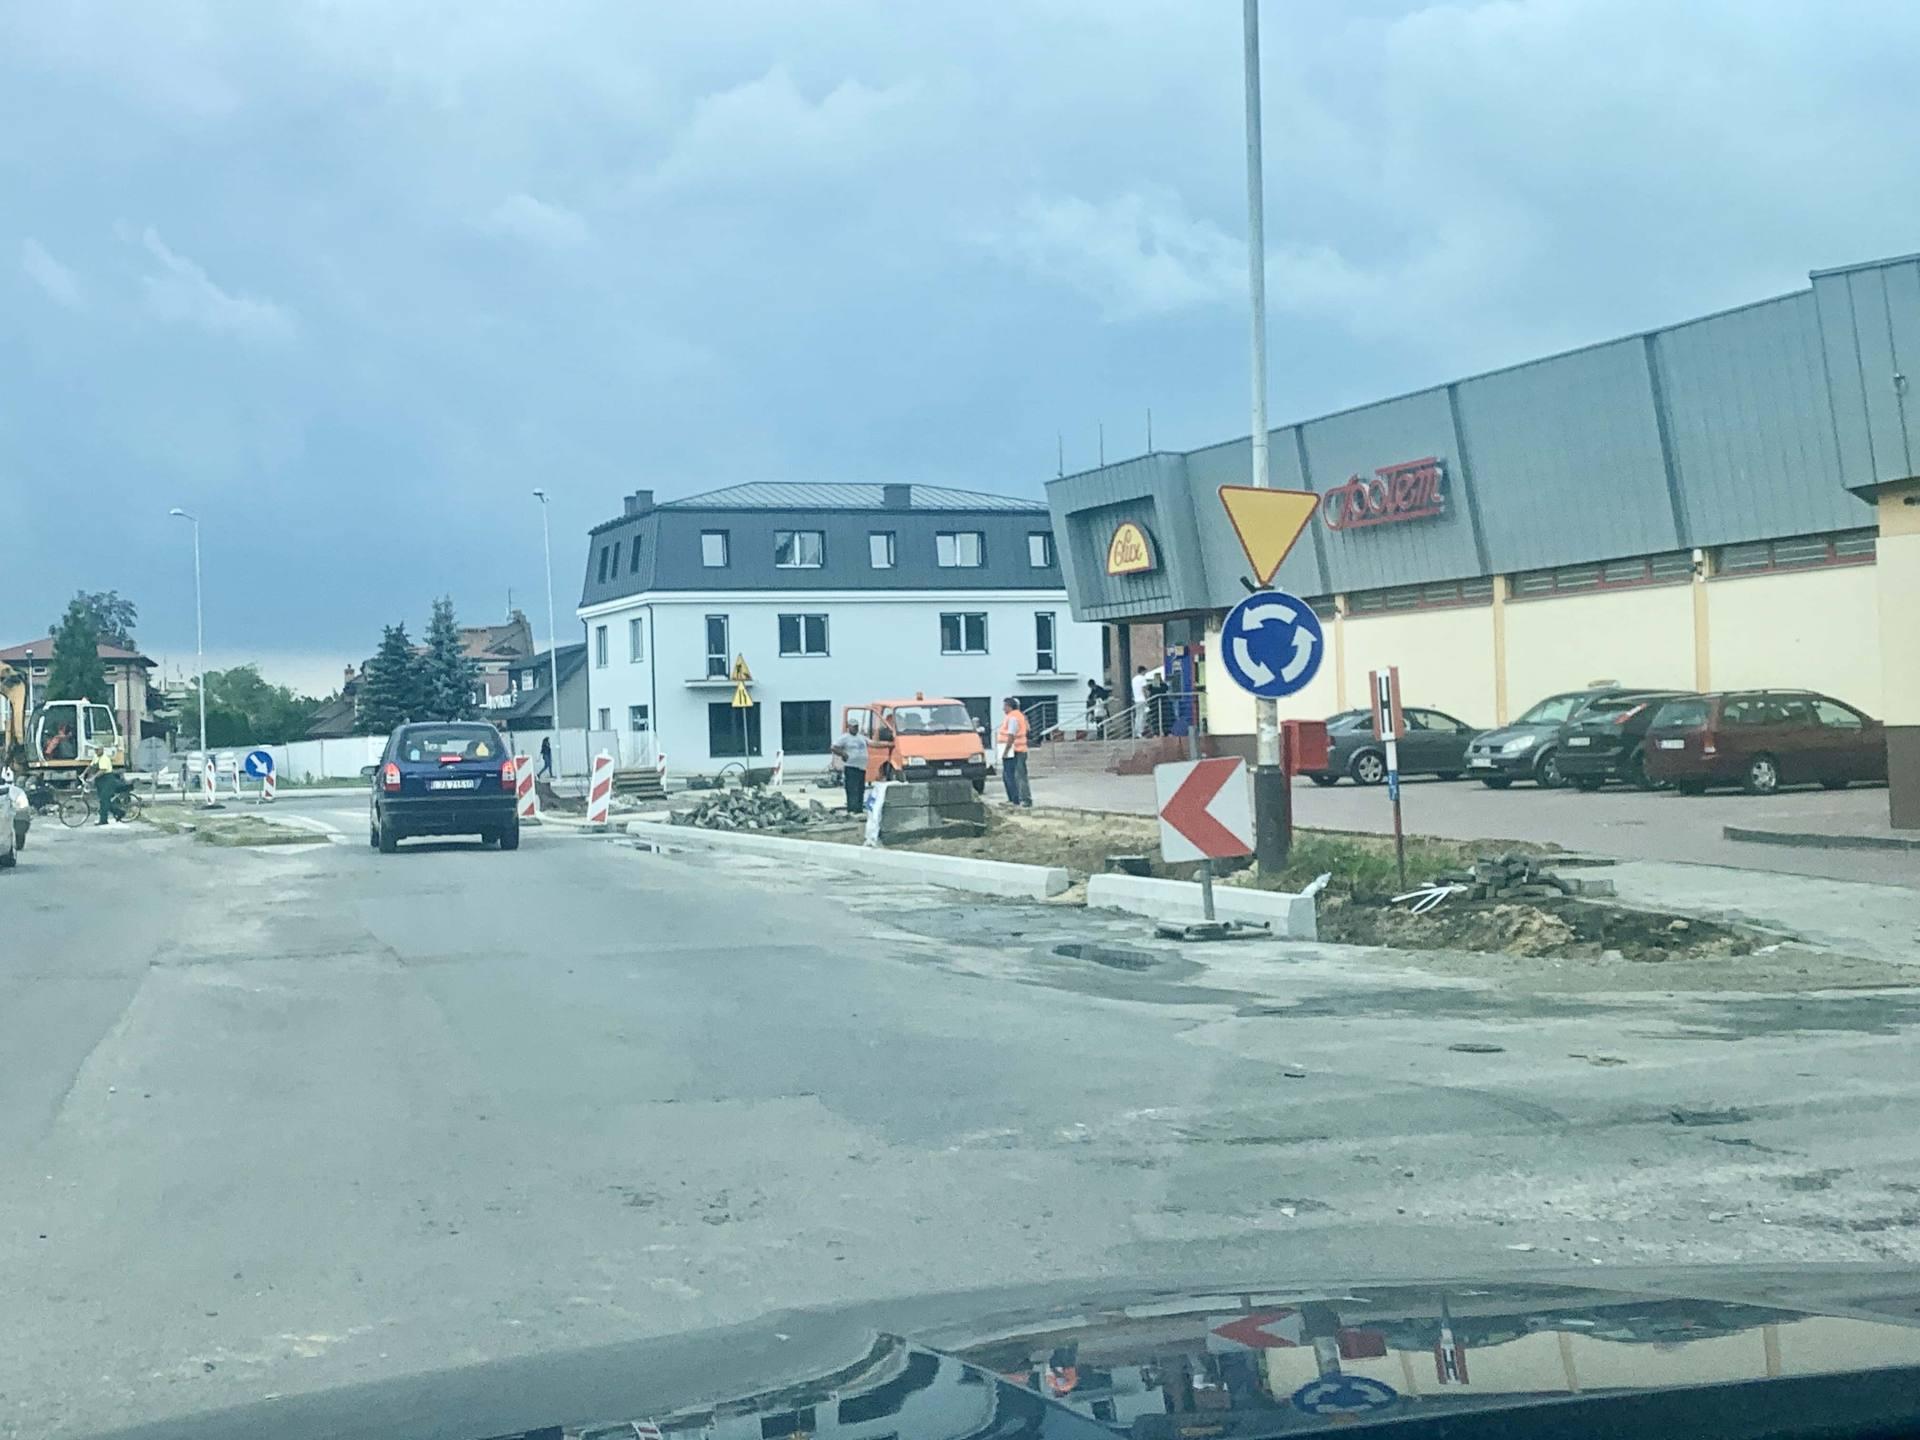 img 1742 1 Zamość: To już JEST RONDO, mimo, że skrzyżowaniu trwają jeszcze prace. [WIDEO, ZDJĘCIA]